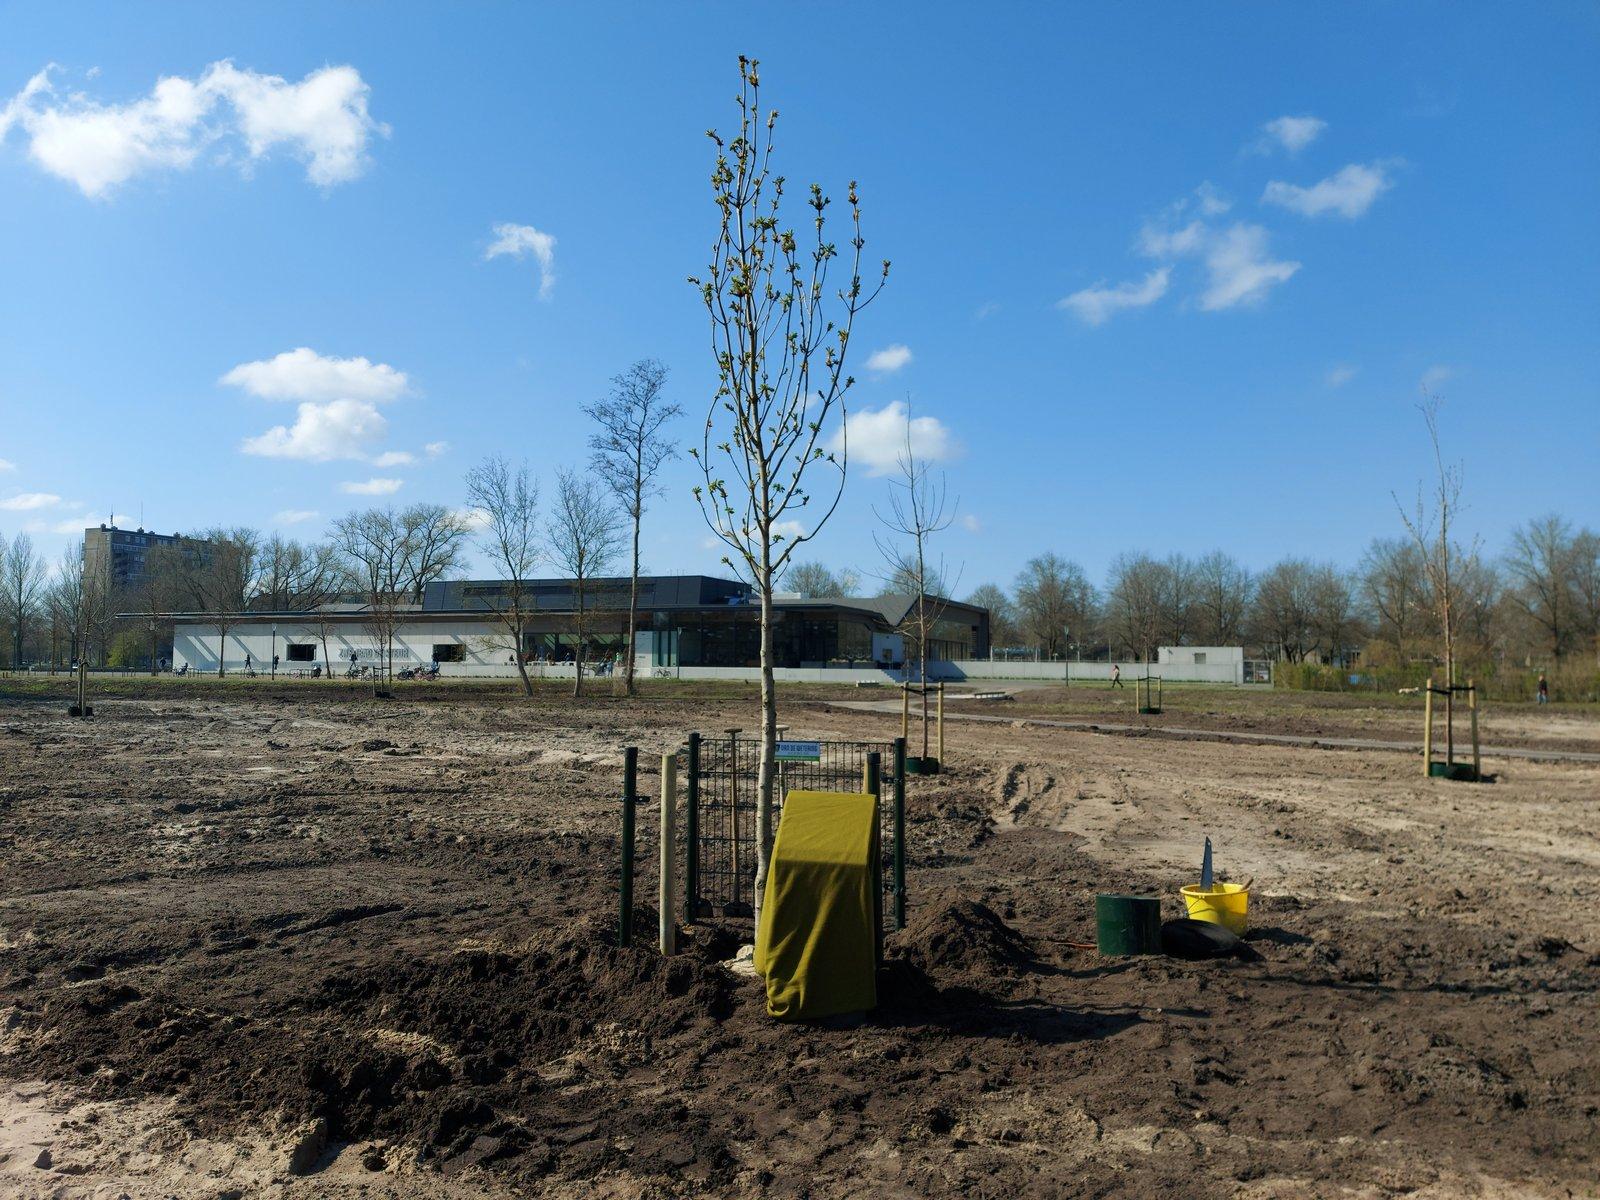 Locoburgemeester Jan Peter van der Sluis plant Anne Frank boom